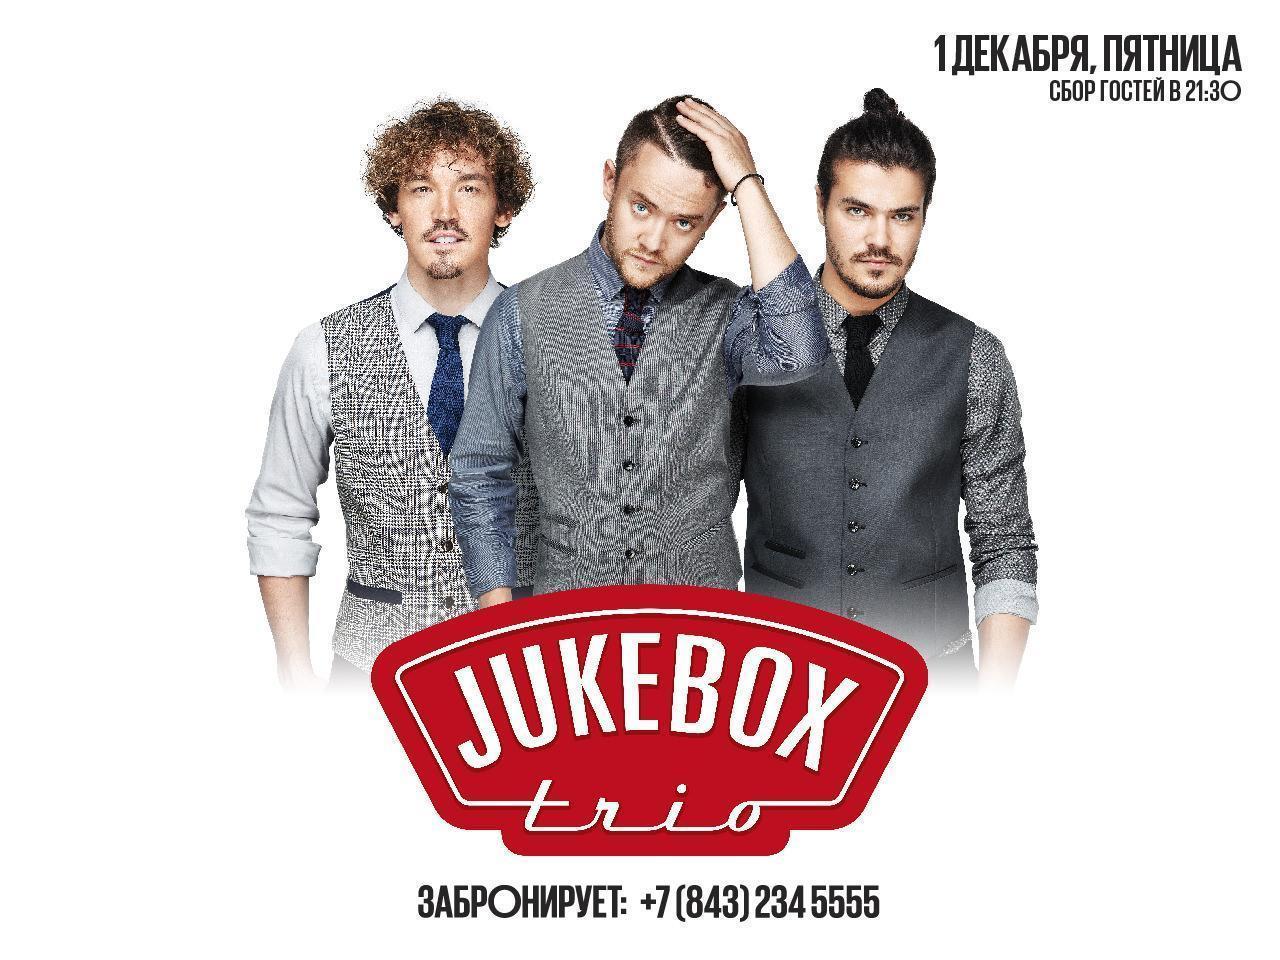 Концерт группы Jukebox 1 декабря